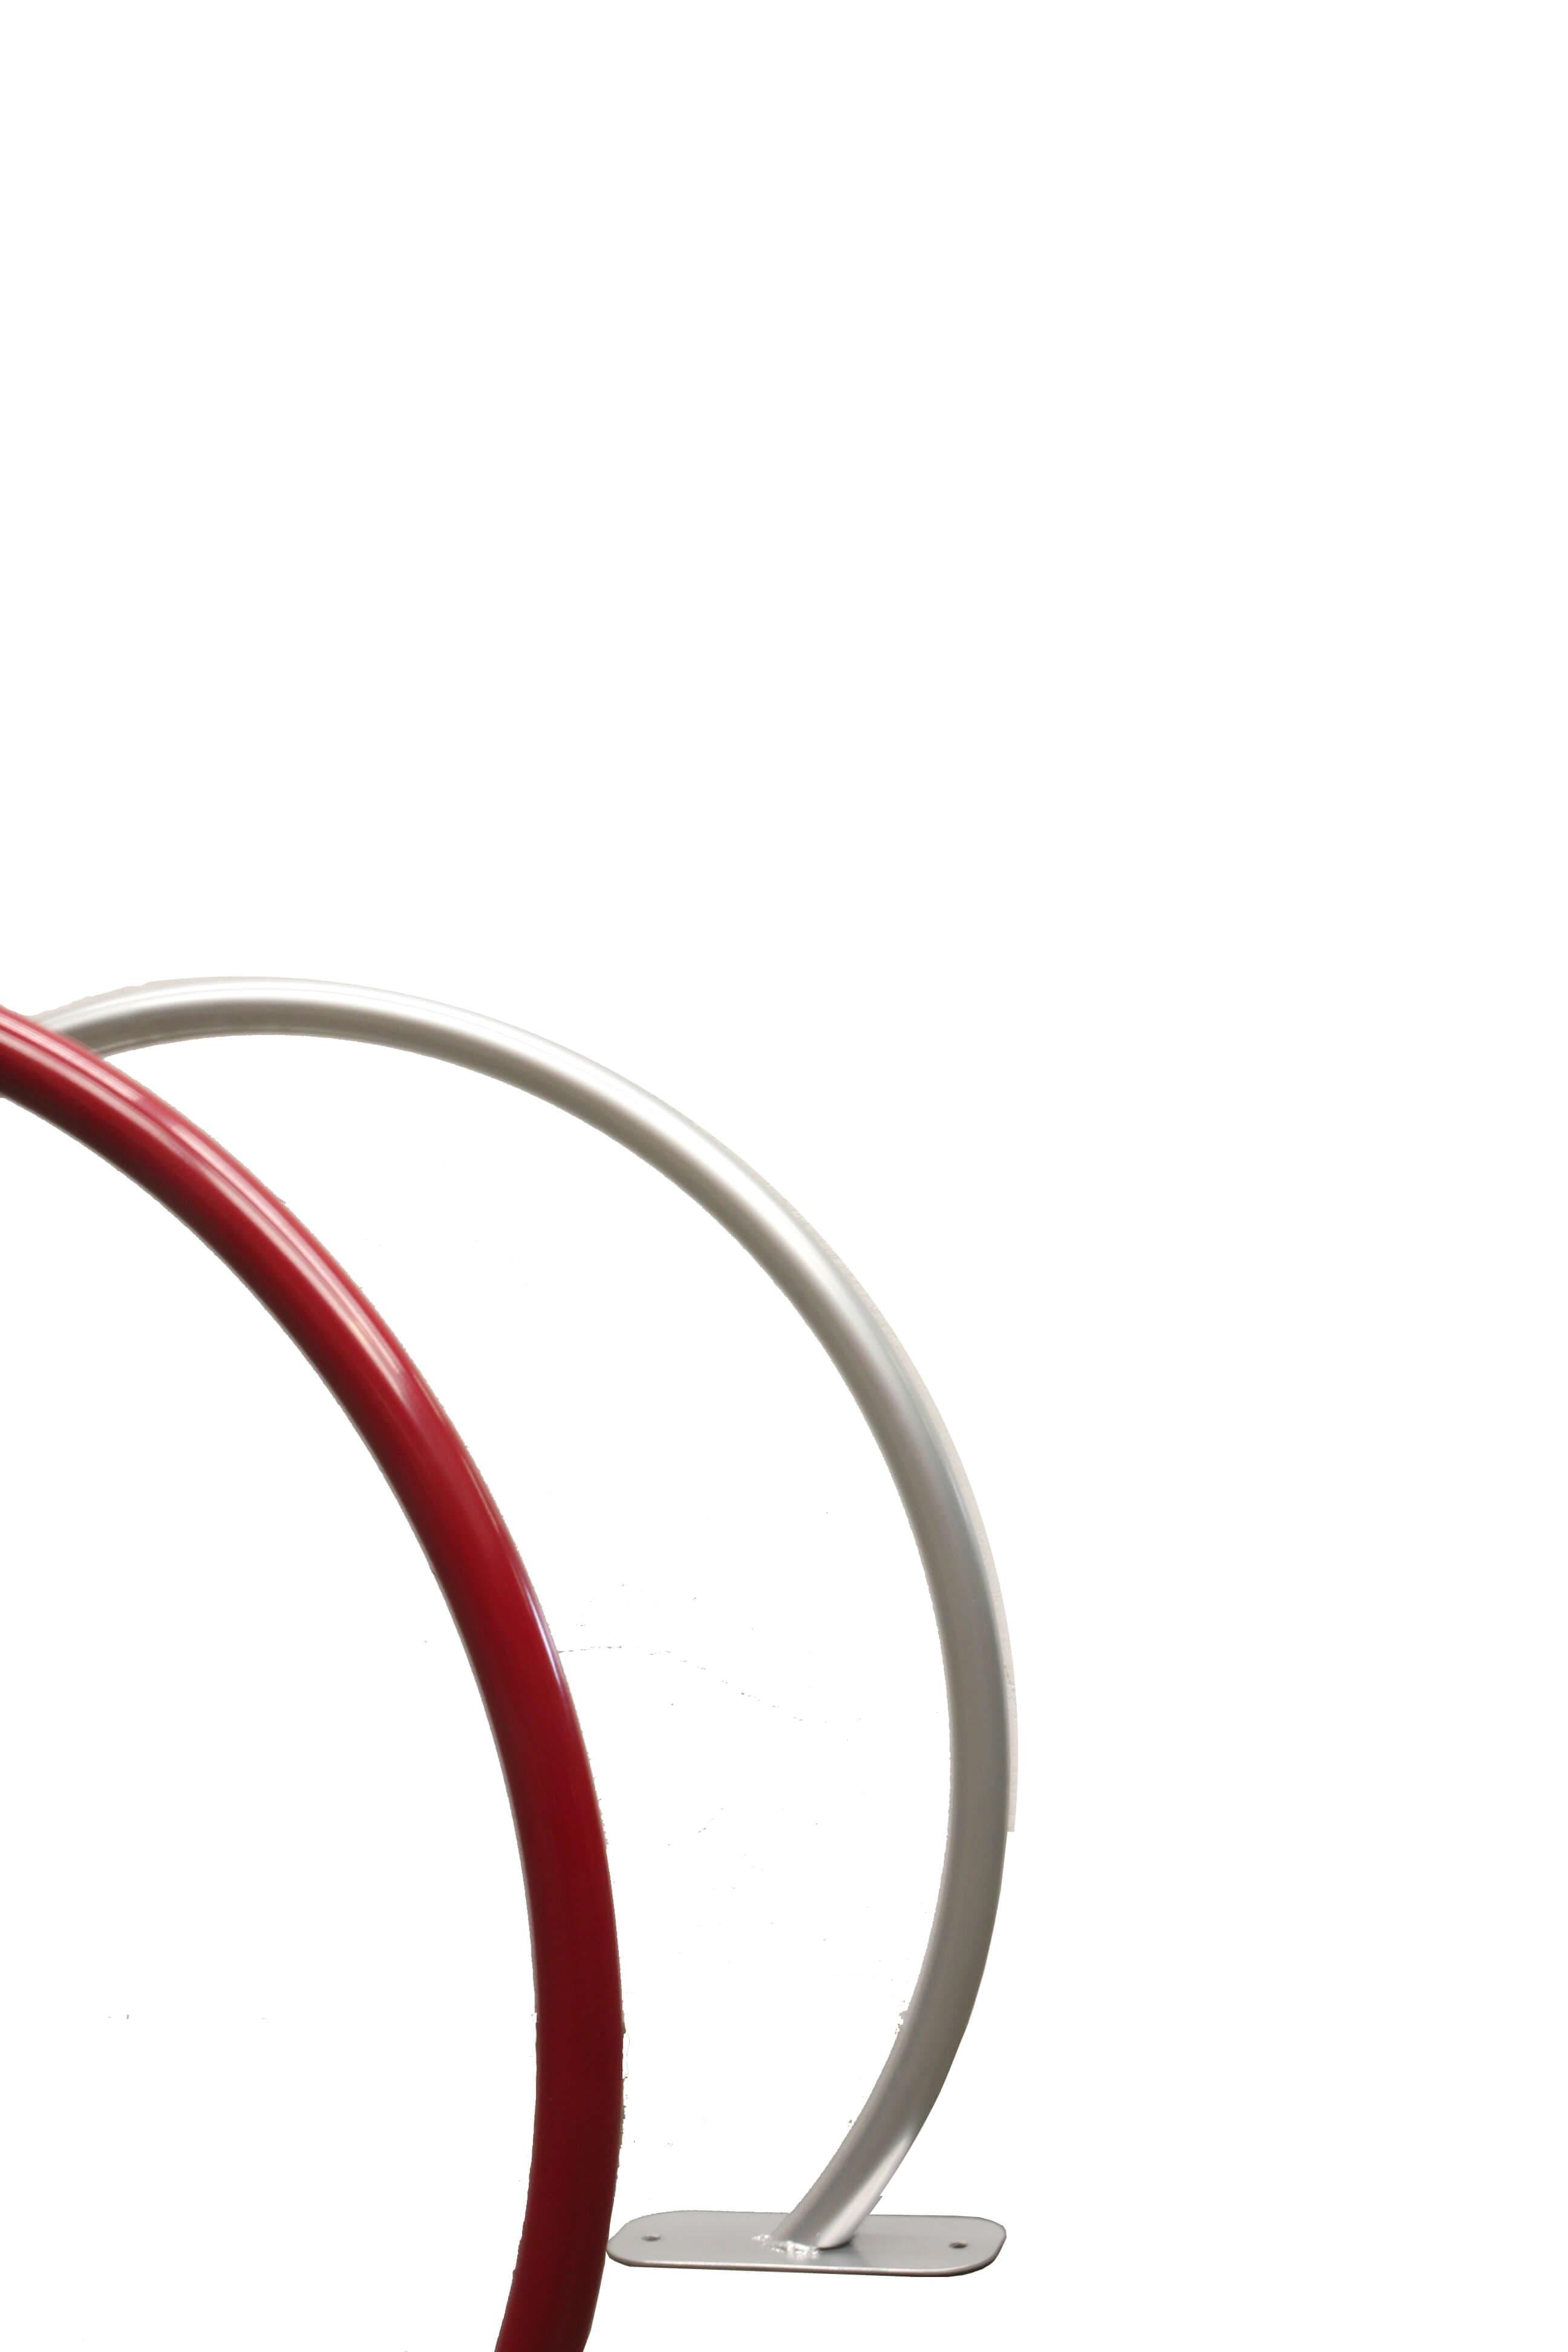 Arc fietsbeugel - gemaakt van verzinkt en gepoedercoat staal